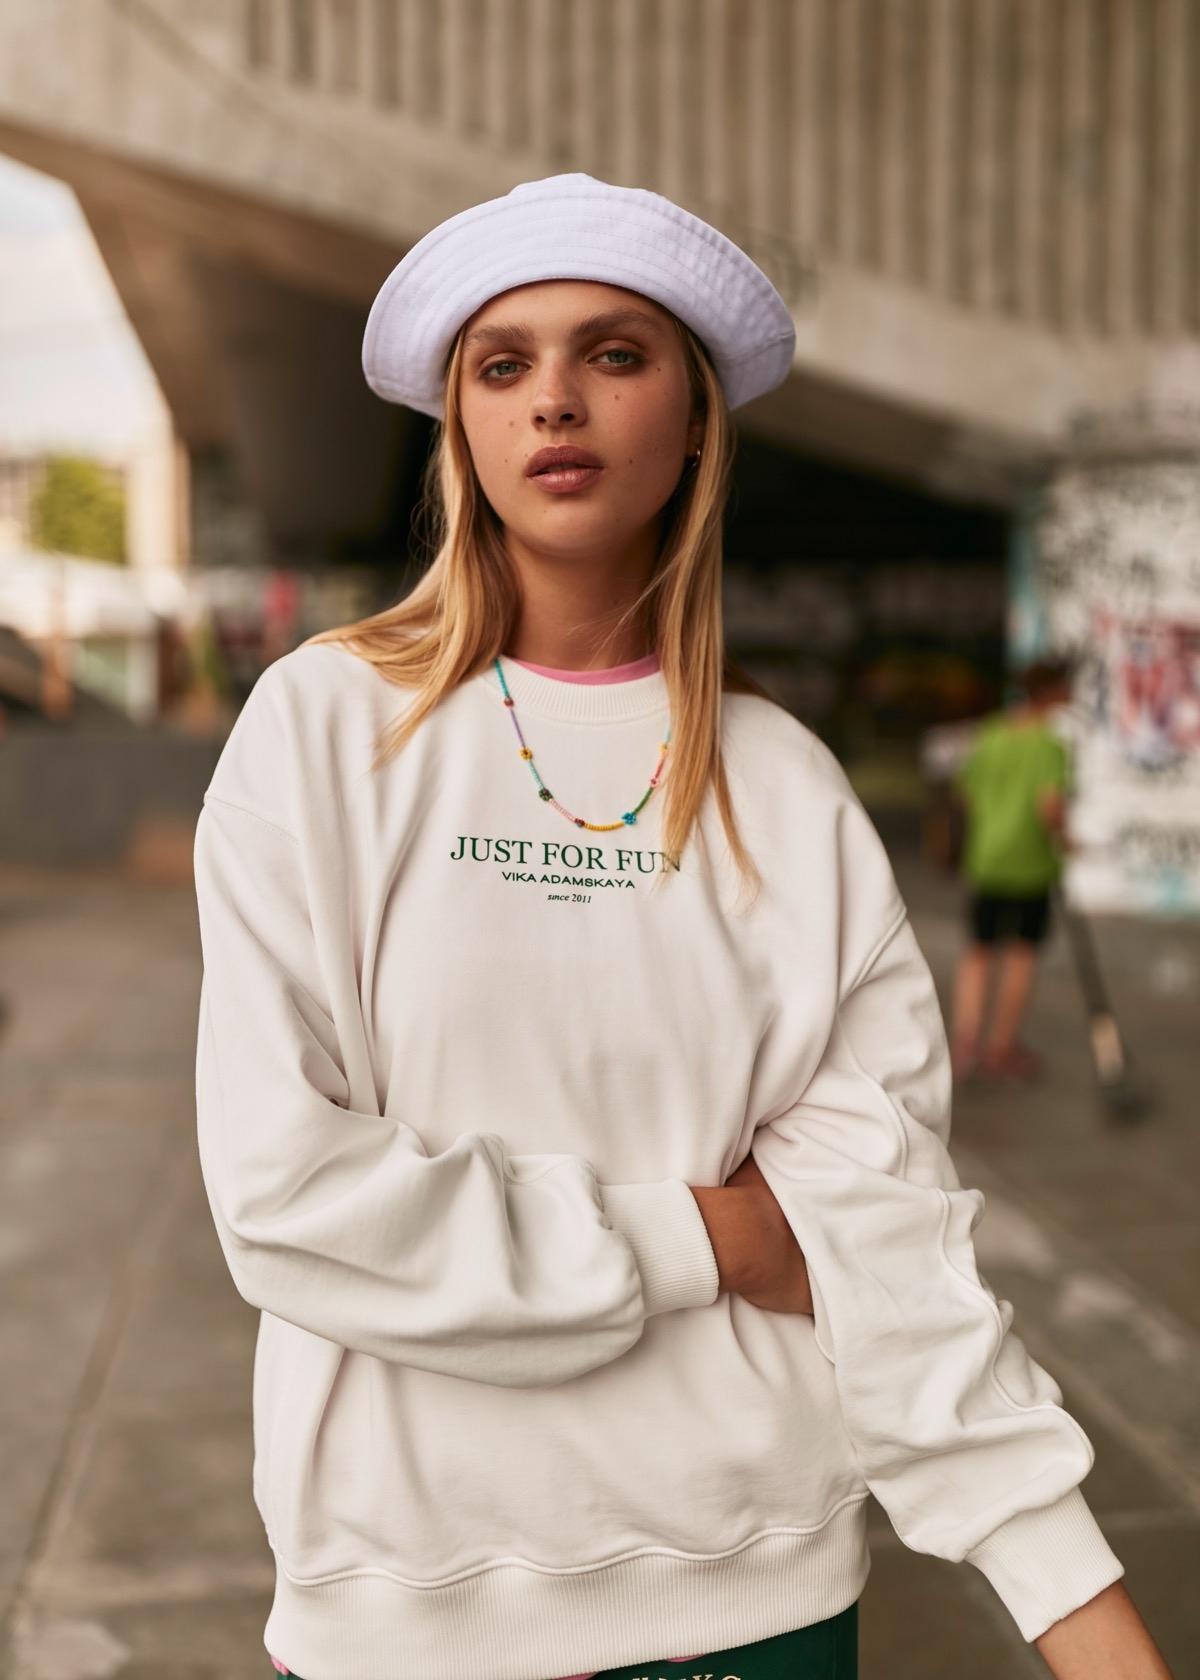 В этом мире побеждает любовь: бренд VIKA ADAMSKAYA представил новую коллекцию стильной спортивной одежды (ФОТО) - фото №3